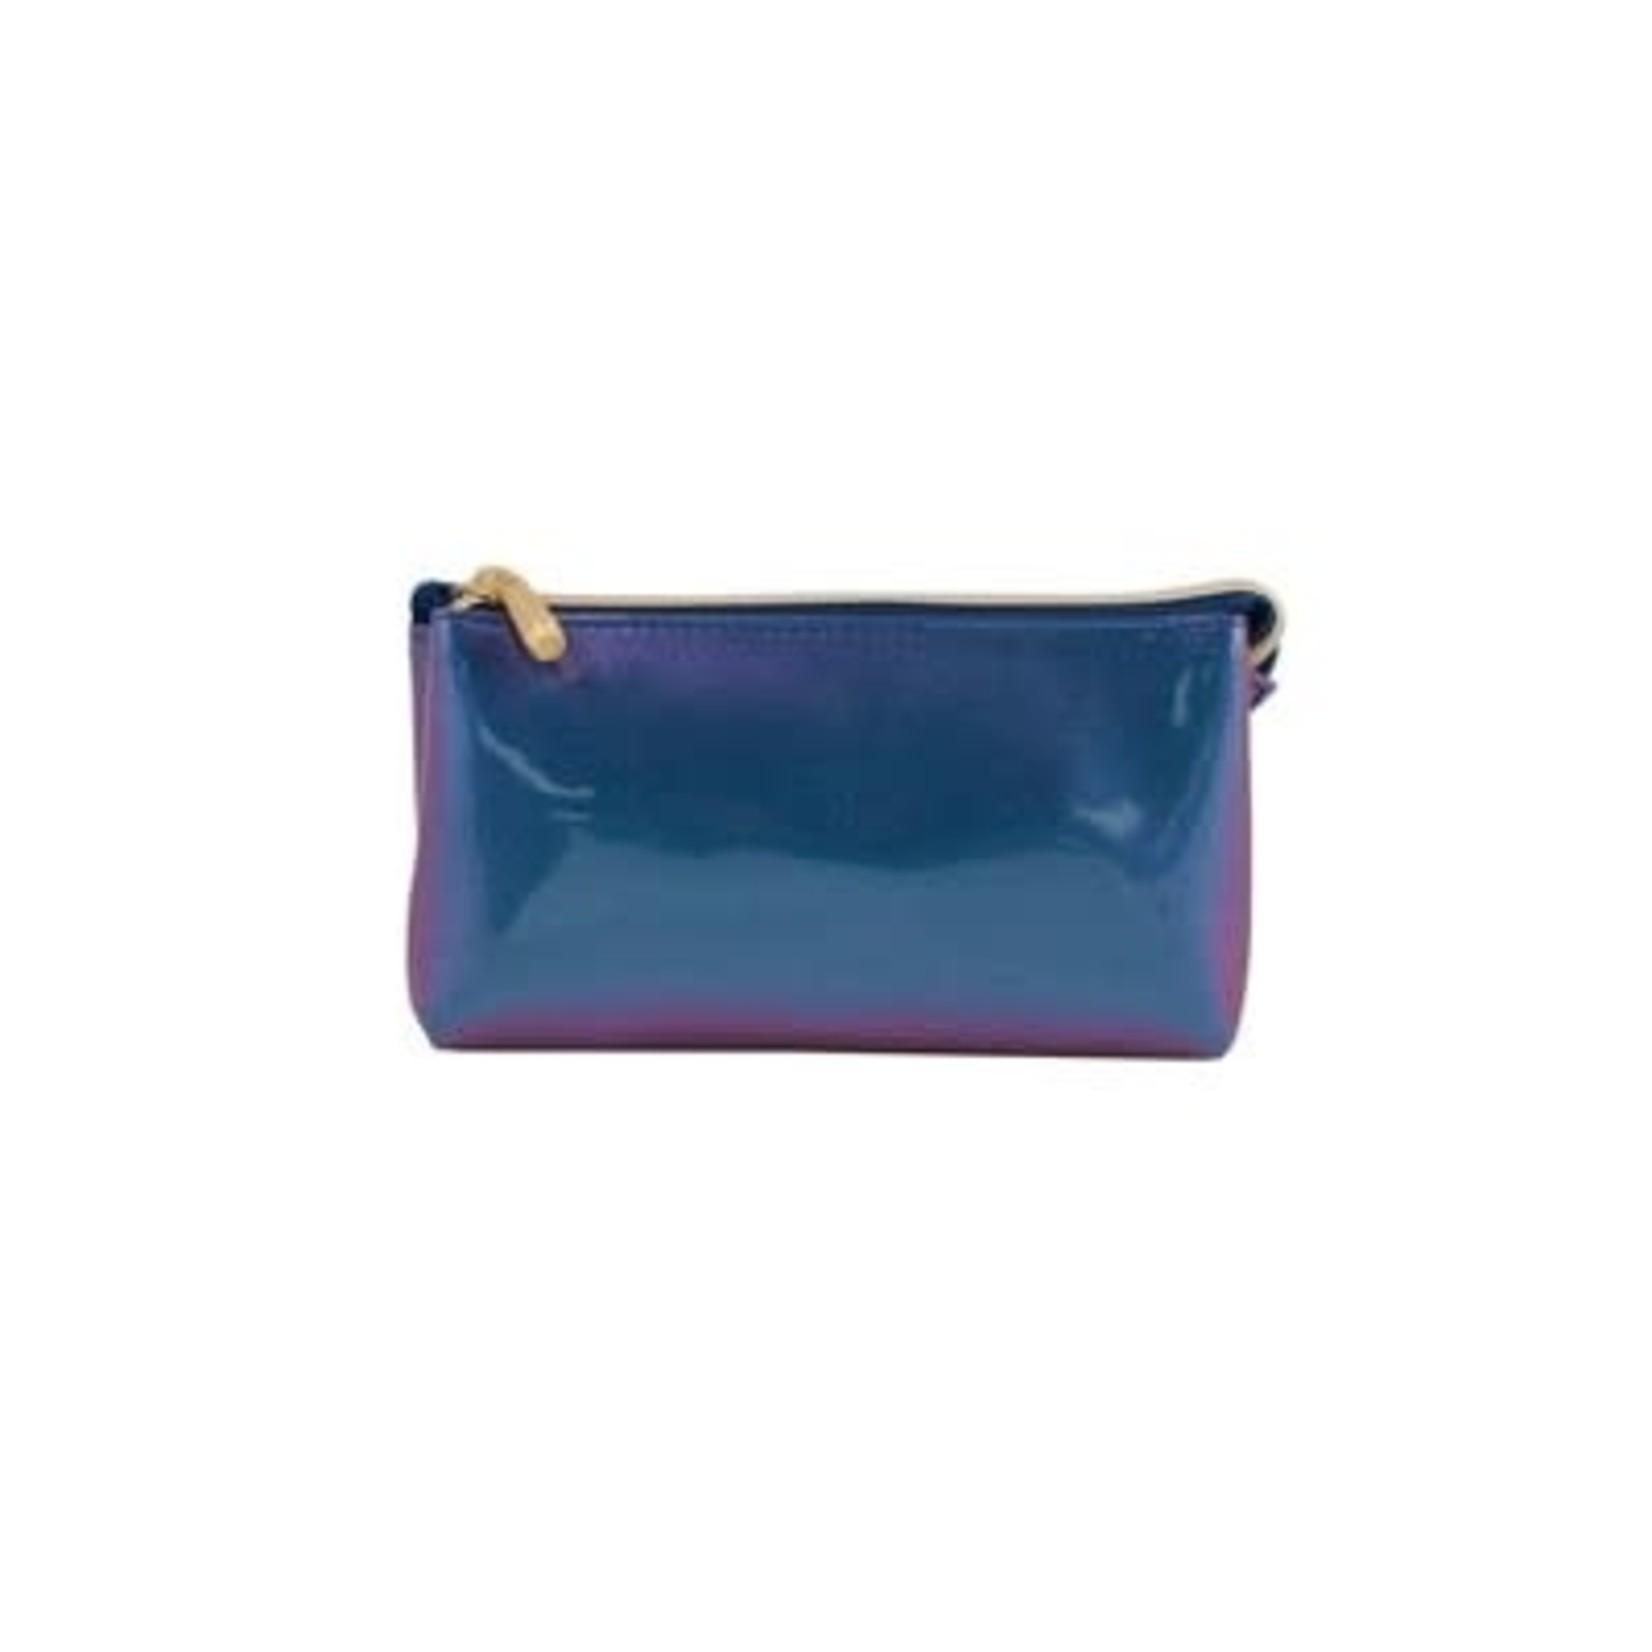 Sonia Kashuk™ Iridescent Makeup Bag